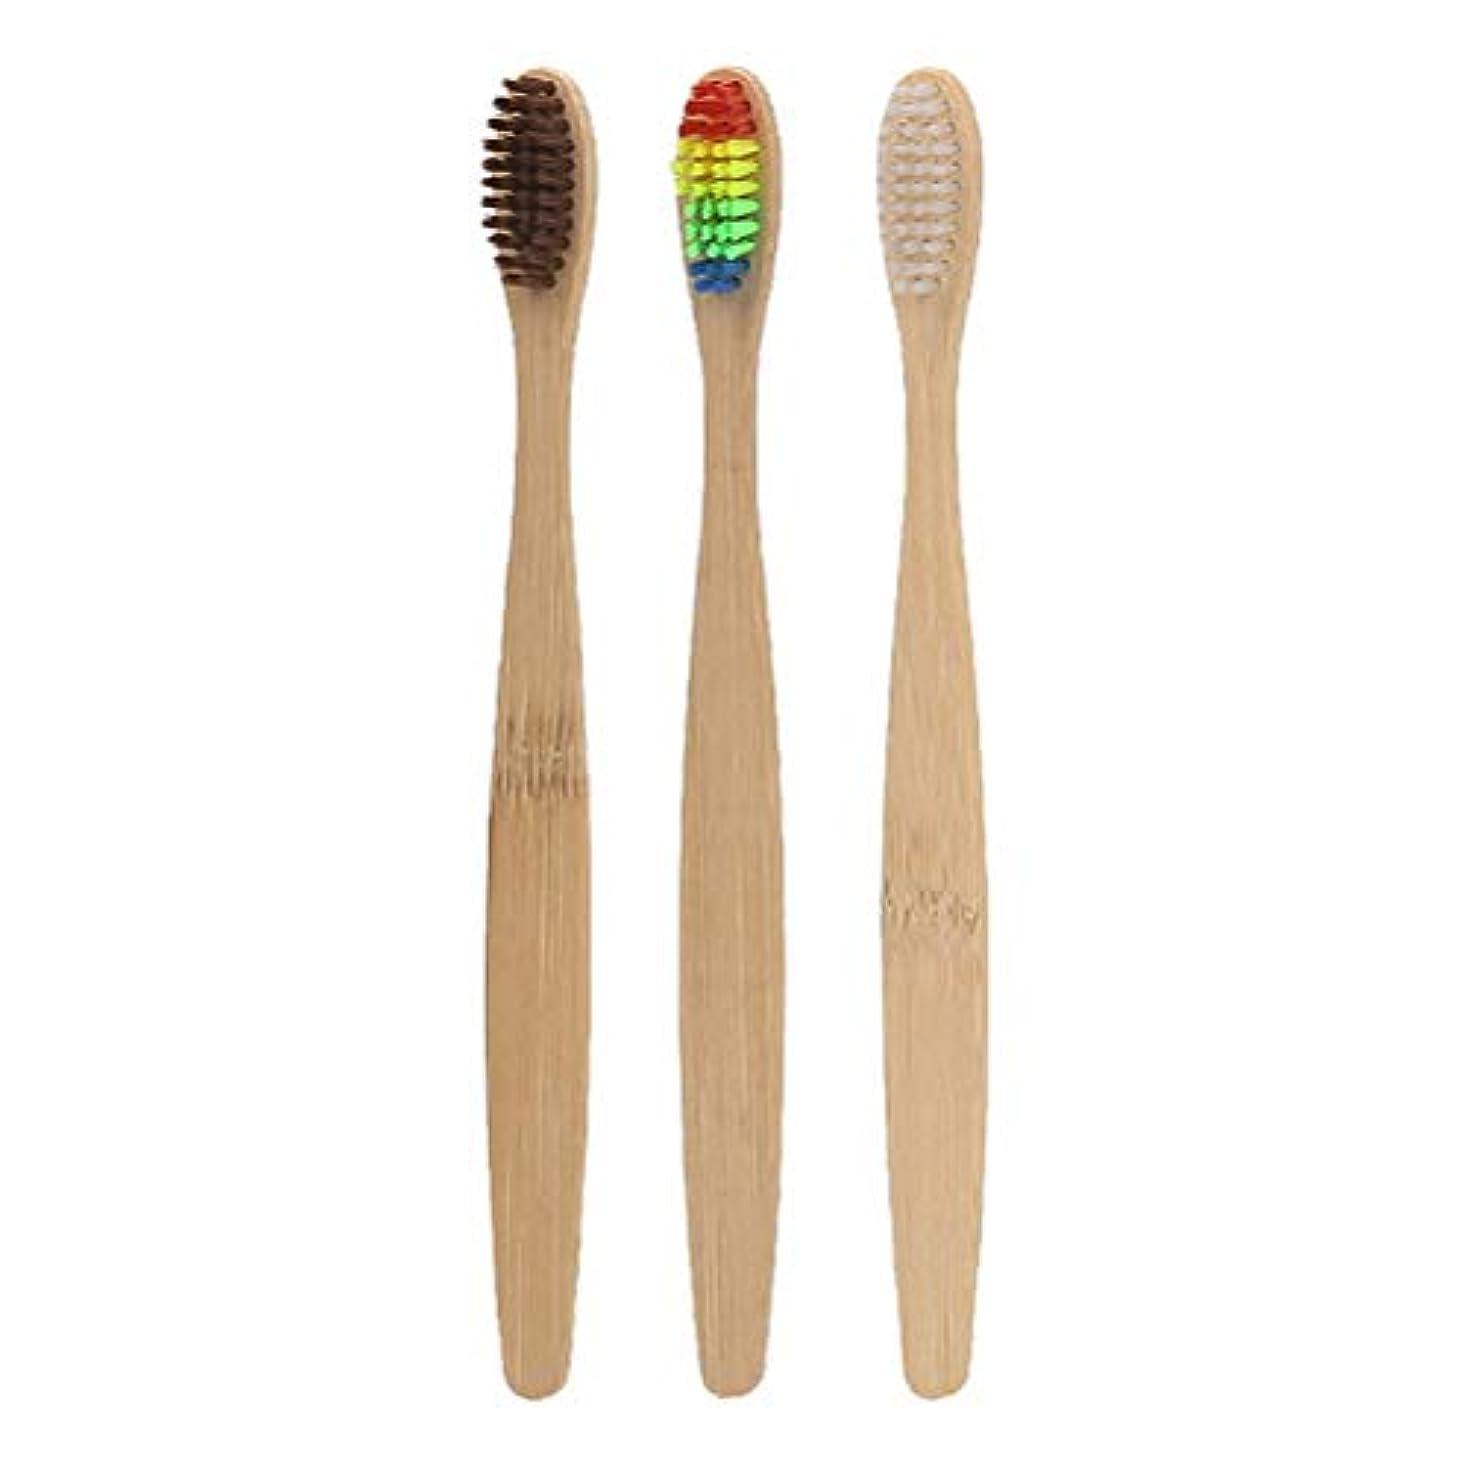 長椅子椅子タフSUPVOX 竹の歯ブラシ女性のためのナチュラルソフト歯ブラシ男性3本(白い剛毛+虹色の剛毛+茶色の剛毛)